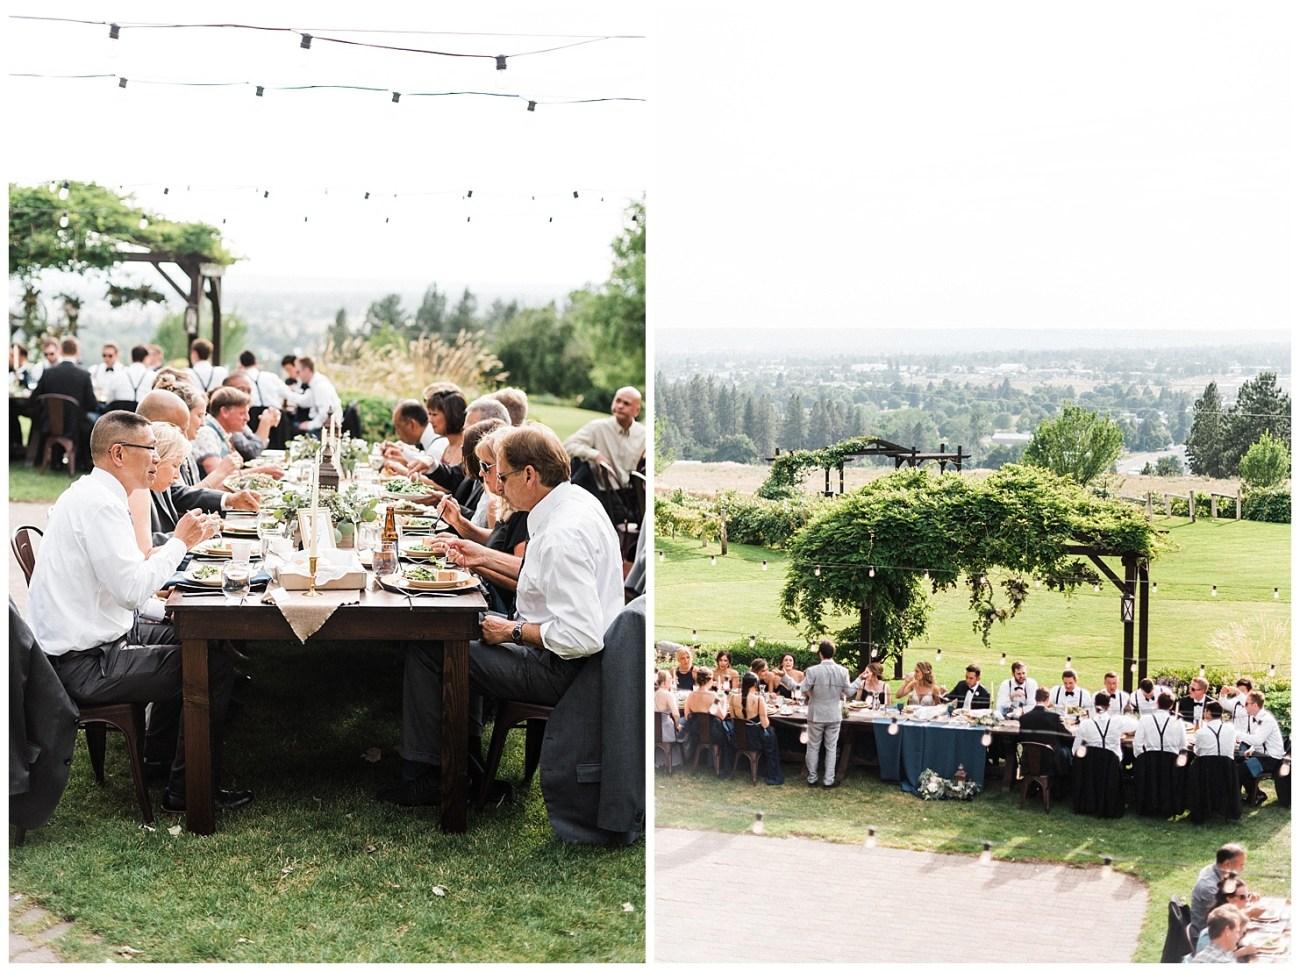 Photos of a wedding reception at Beacon Hill in Spokane WA